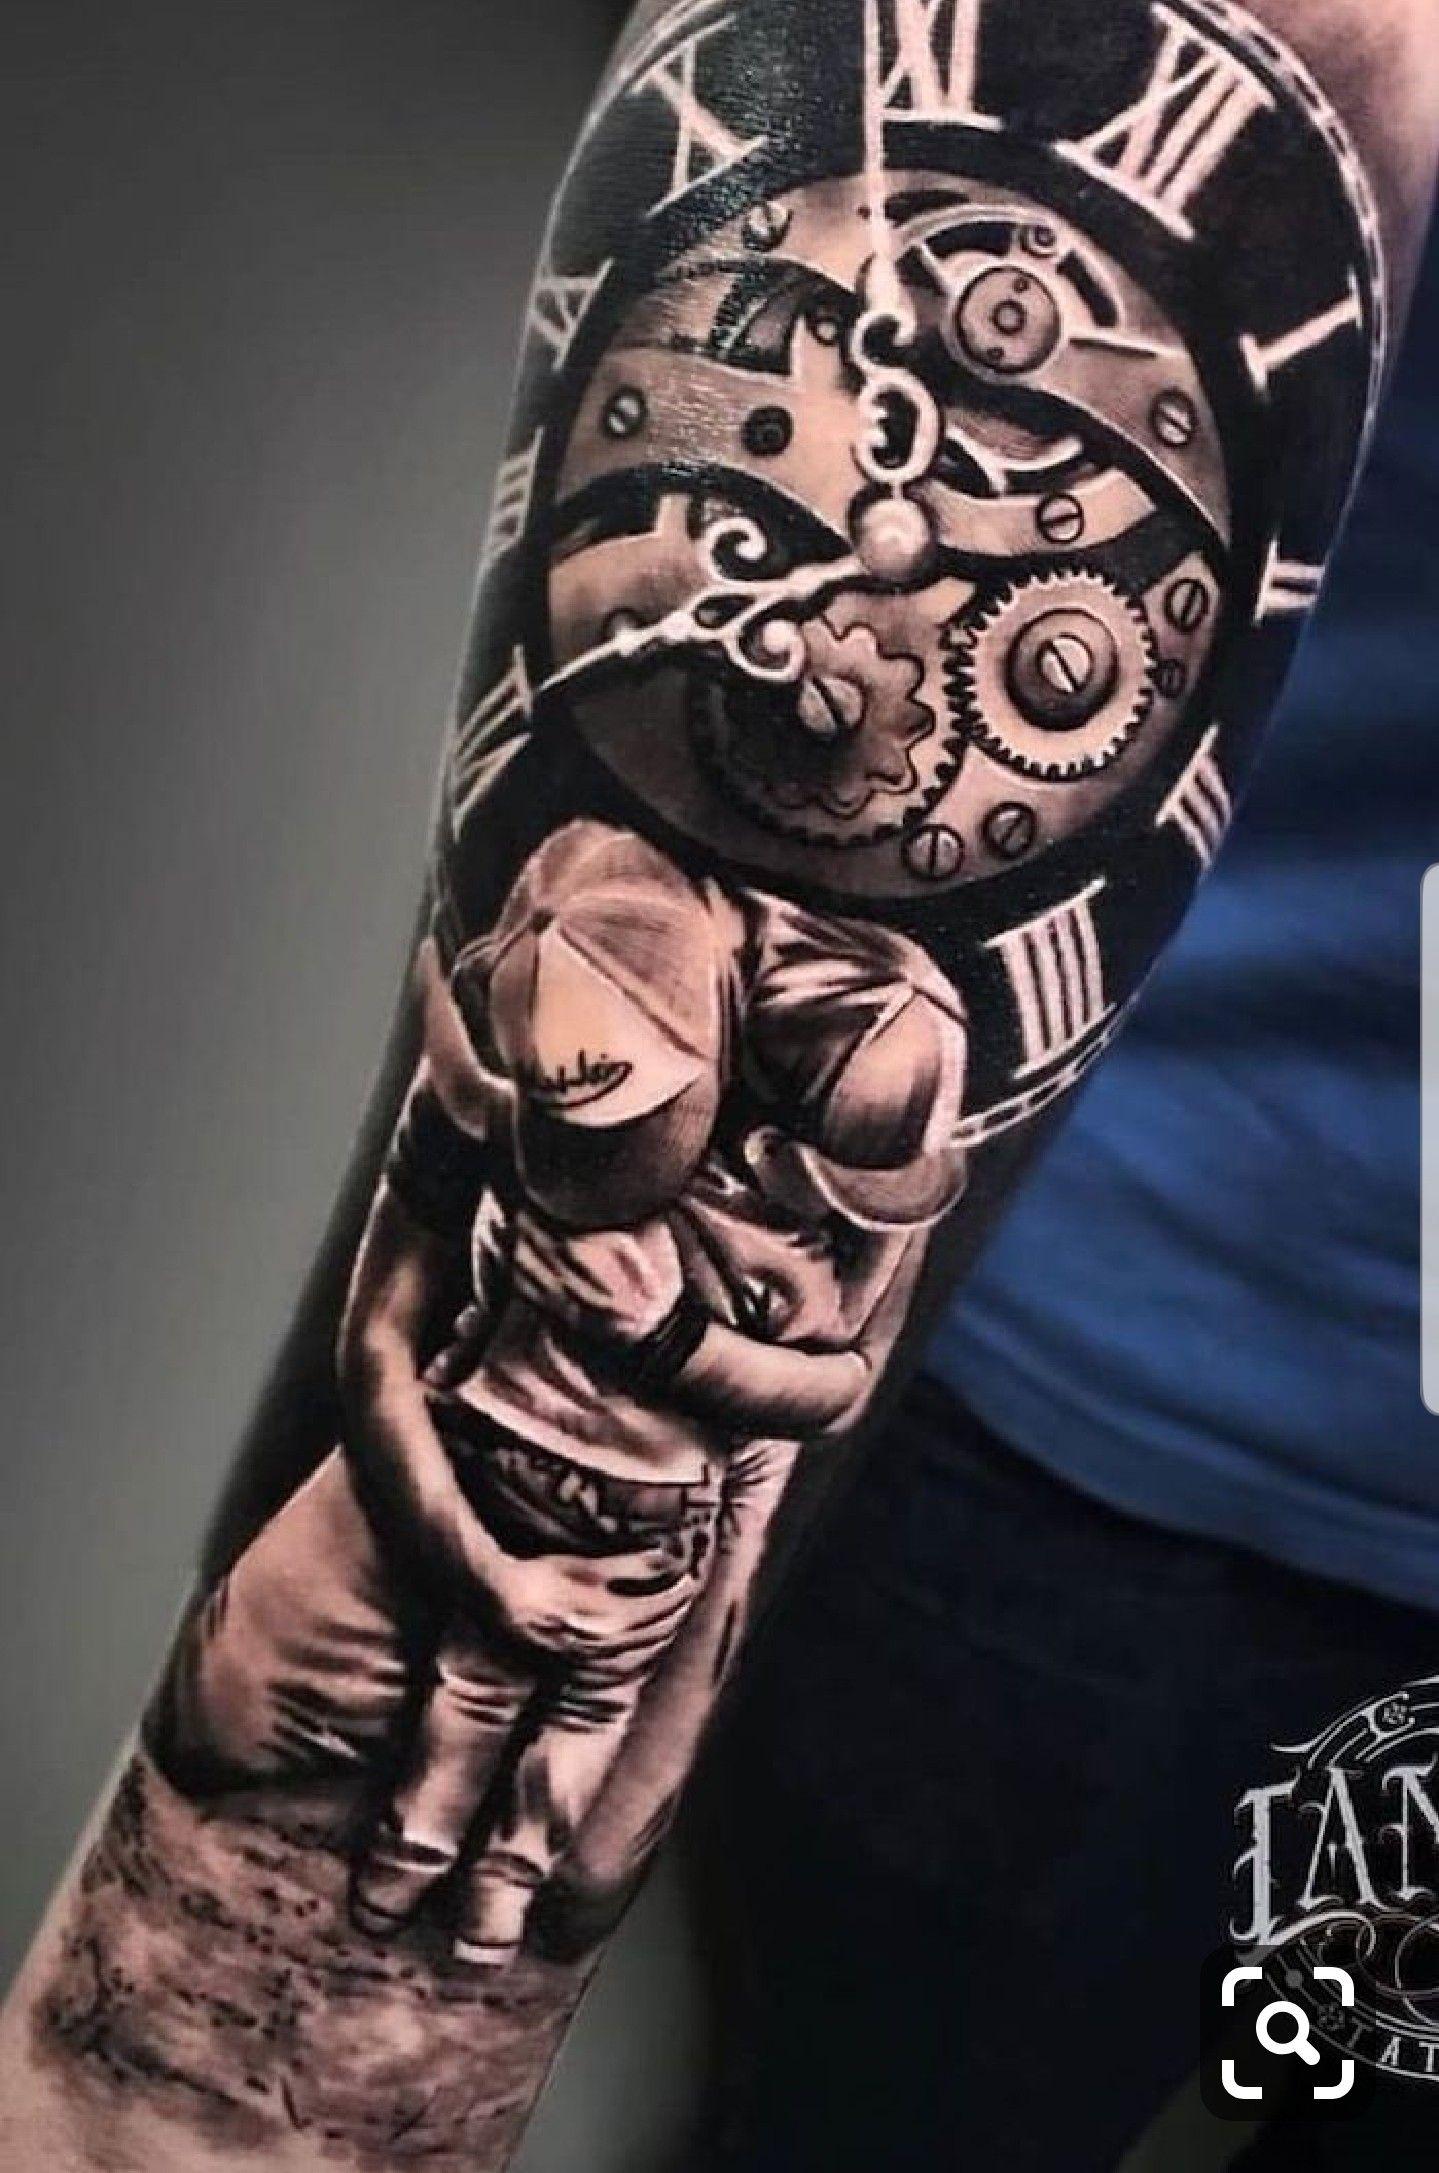 Pin By Dave Barner On Tattoo Ideas Father Tattoos Clock Tattoo Roman Numeral Tattoos